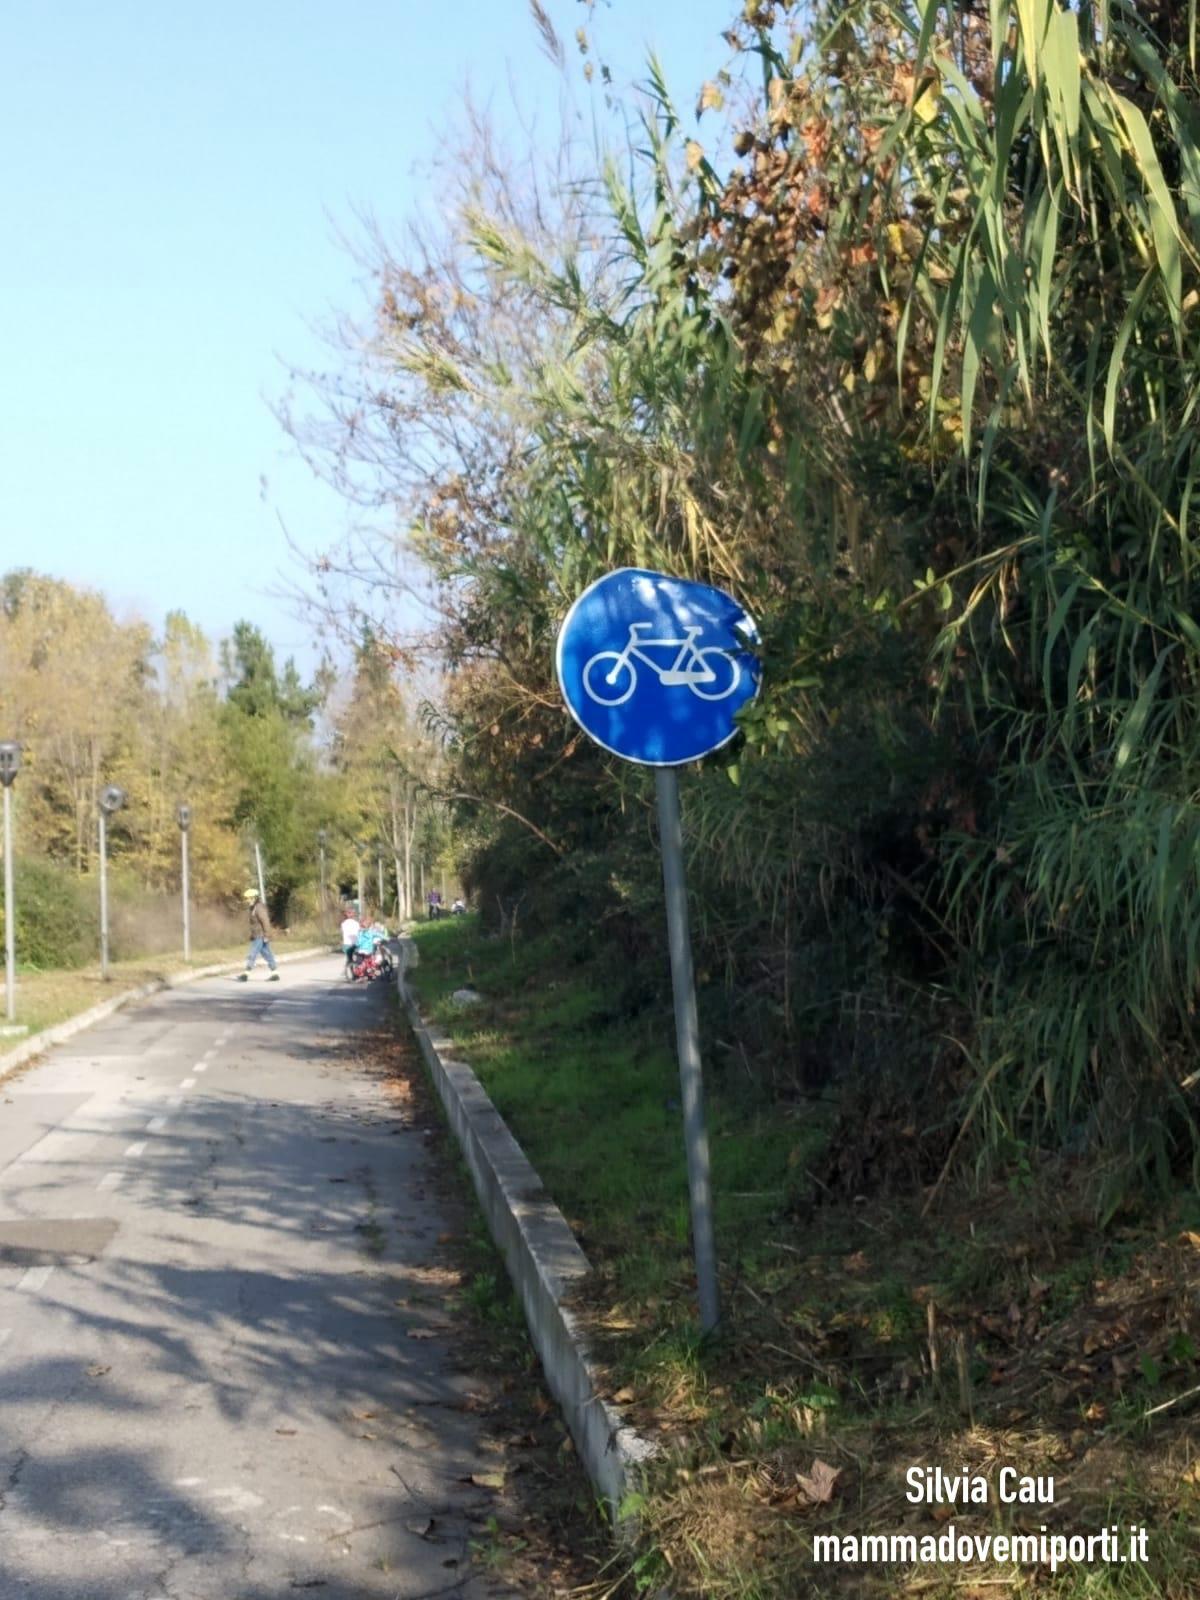 Piste ciclabili a Pescara: ingresso Pista Ciclabile Parco Fluviale